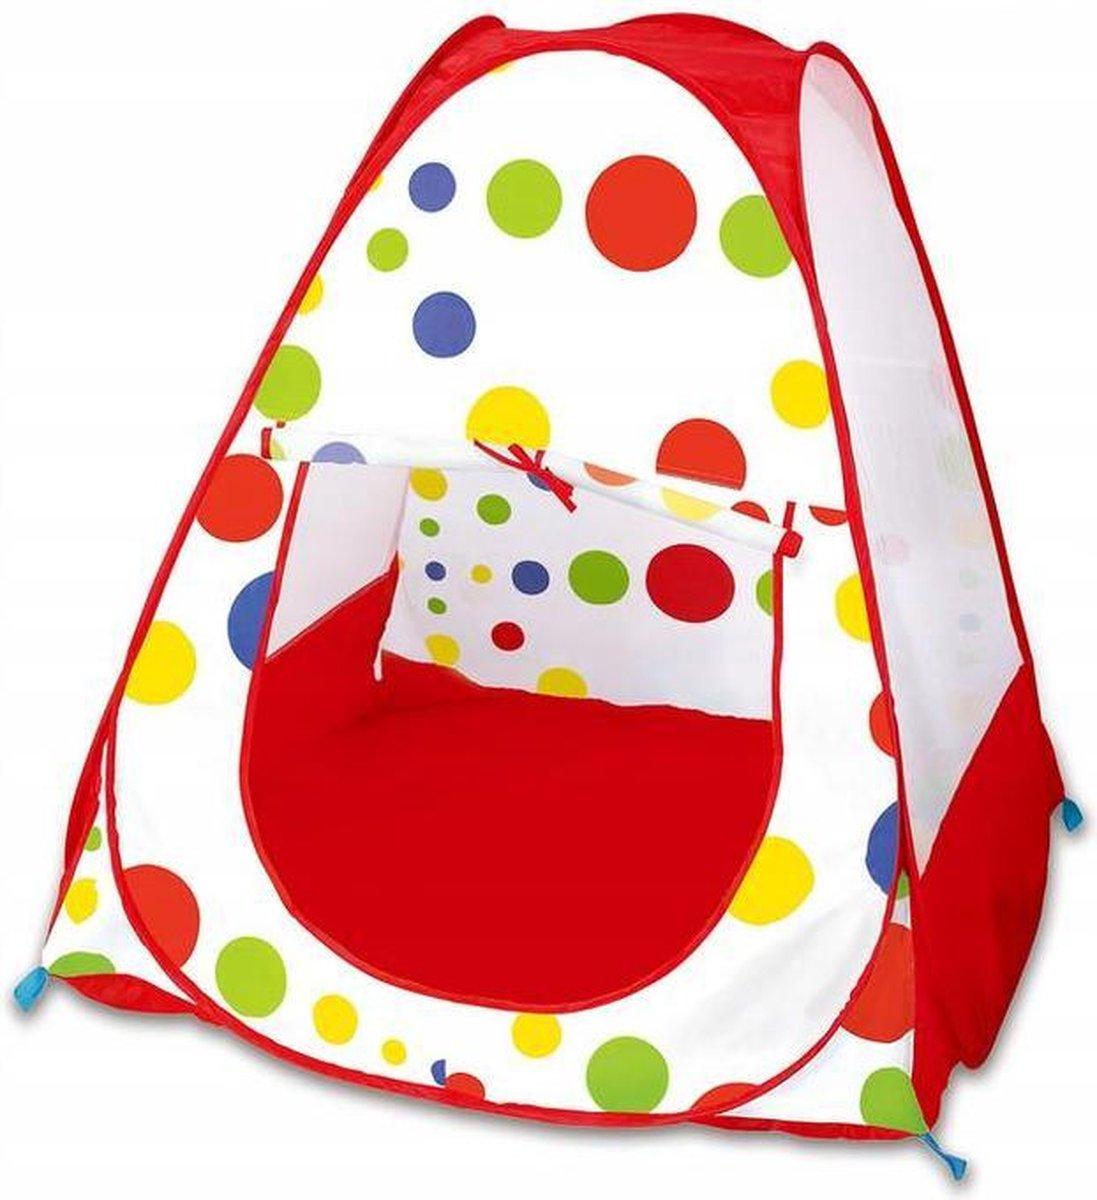 Kinder Speeltent - Pop Up Tent - 95 x 95 x 92 cm - Met Opbergtas